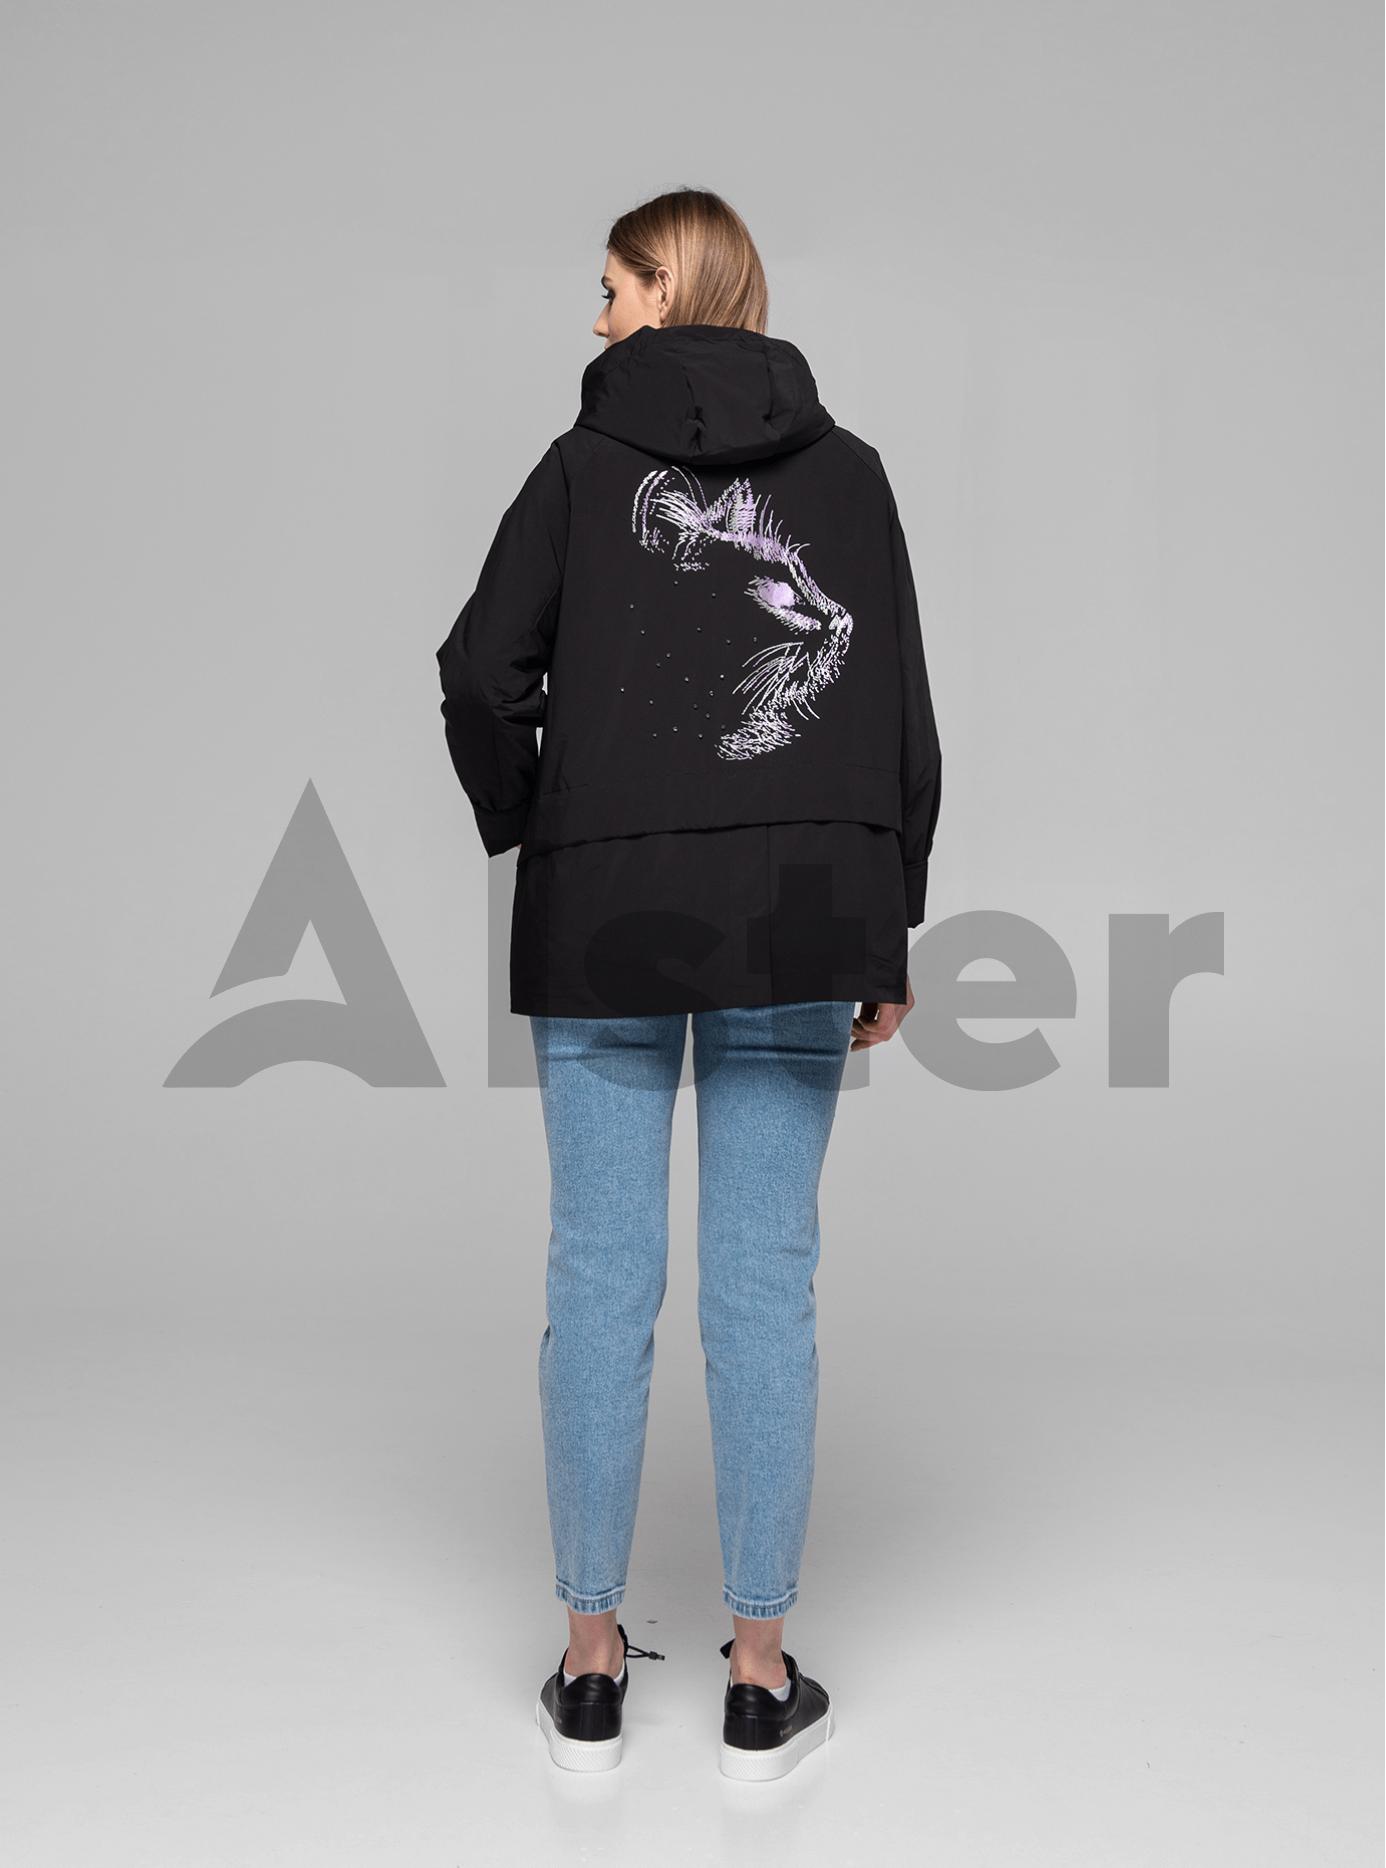 Куртка демисезонная короткая с принтом на спине Чёрный 46 (02-MI19014): фото - Alster.ua